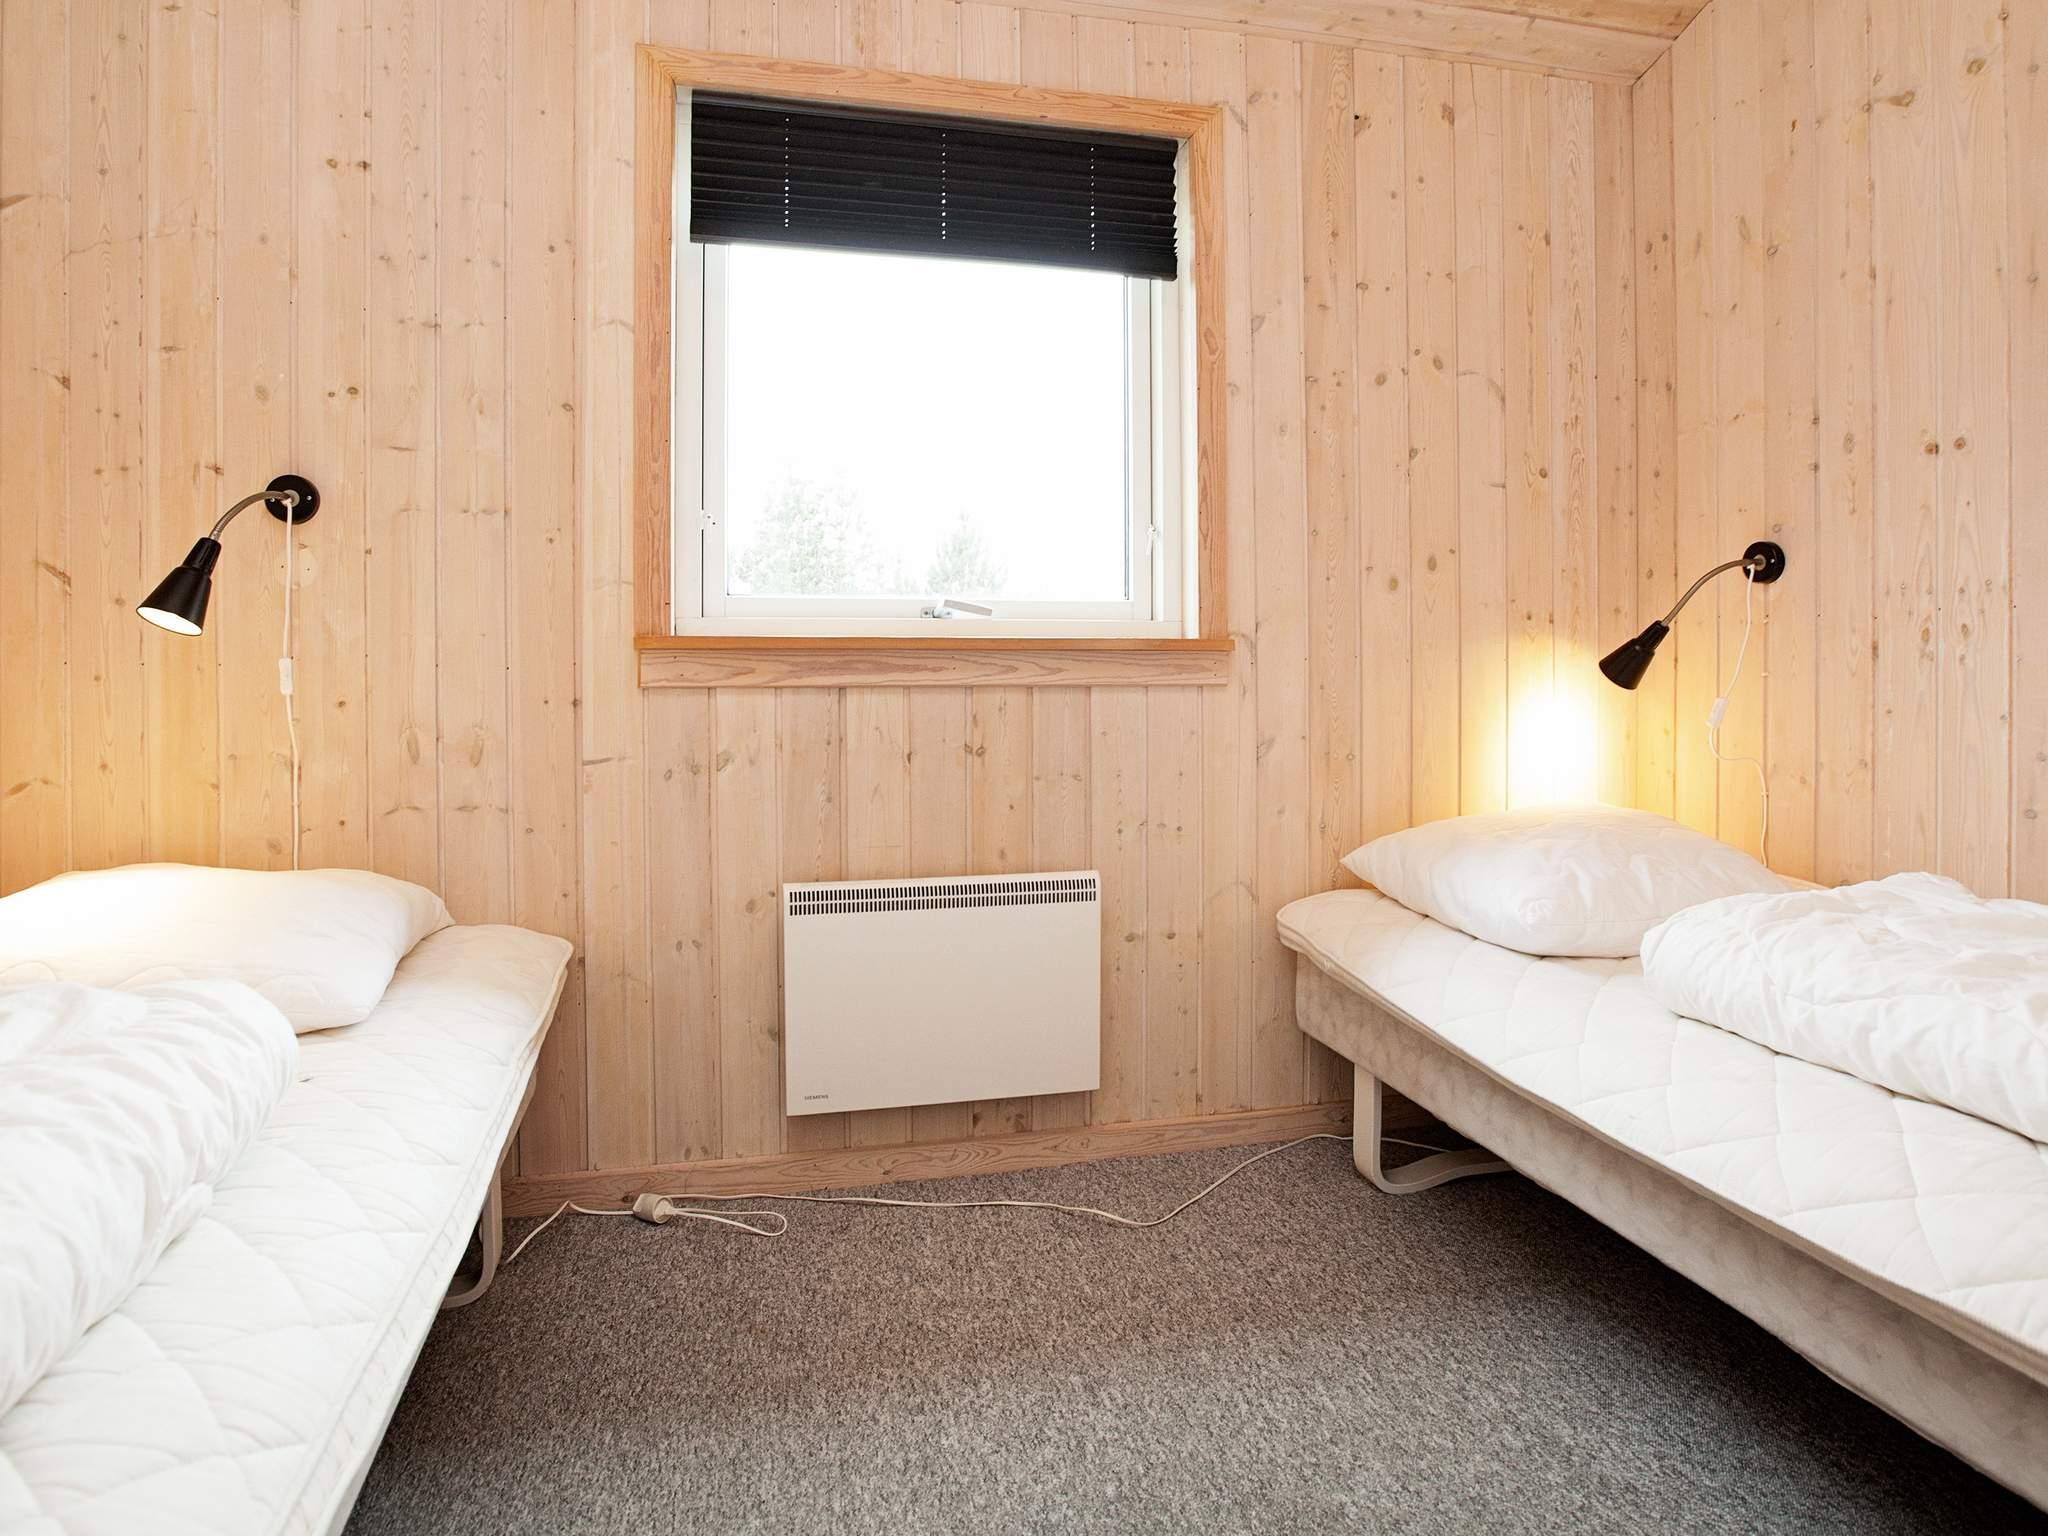 Ferienhaus Marielyst (82830), Marielyst, , Falster, Dänemark, Bild 5